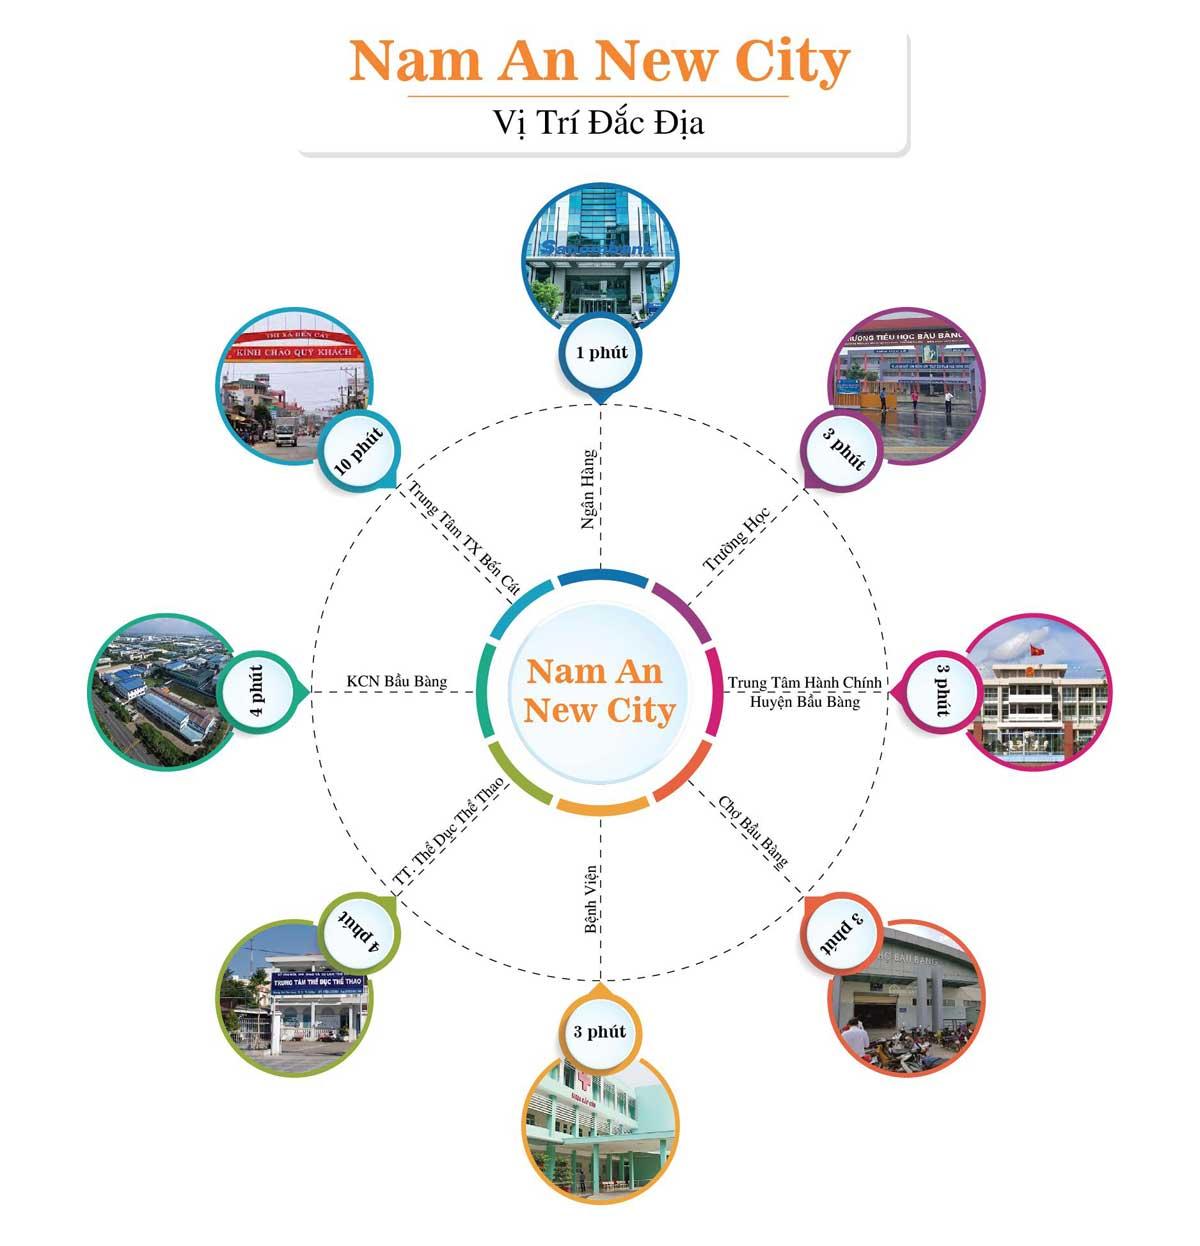 Sơ đồ liên kết ngoại khu Dự án Nam An New City Bình Dương